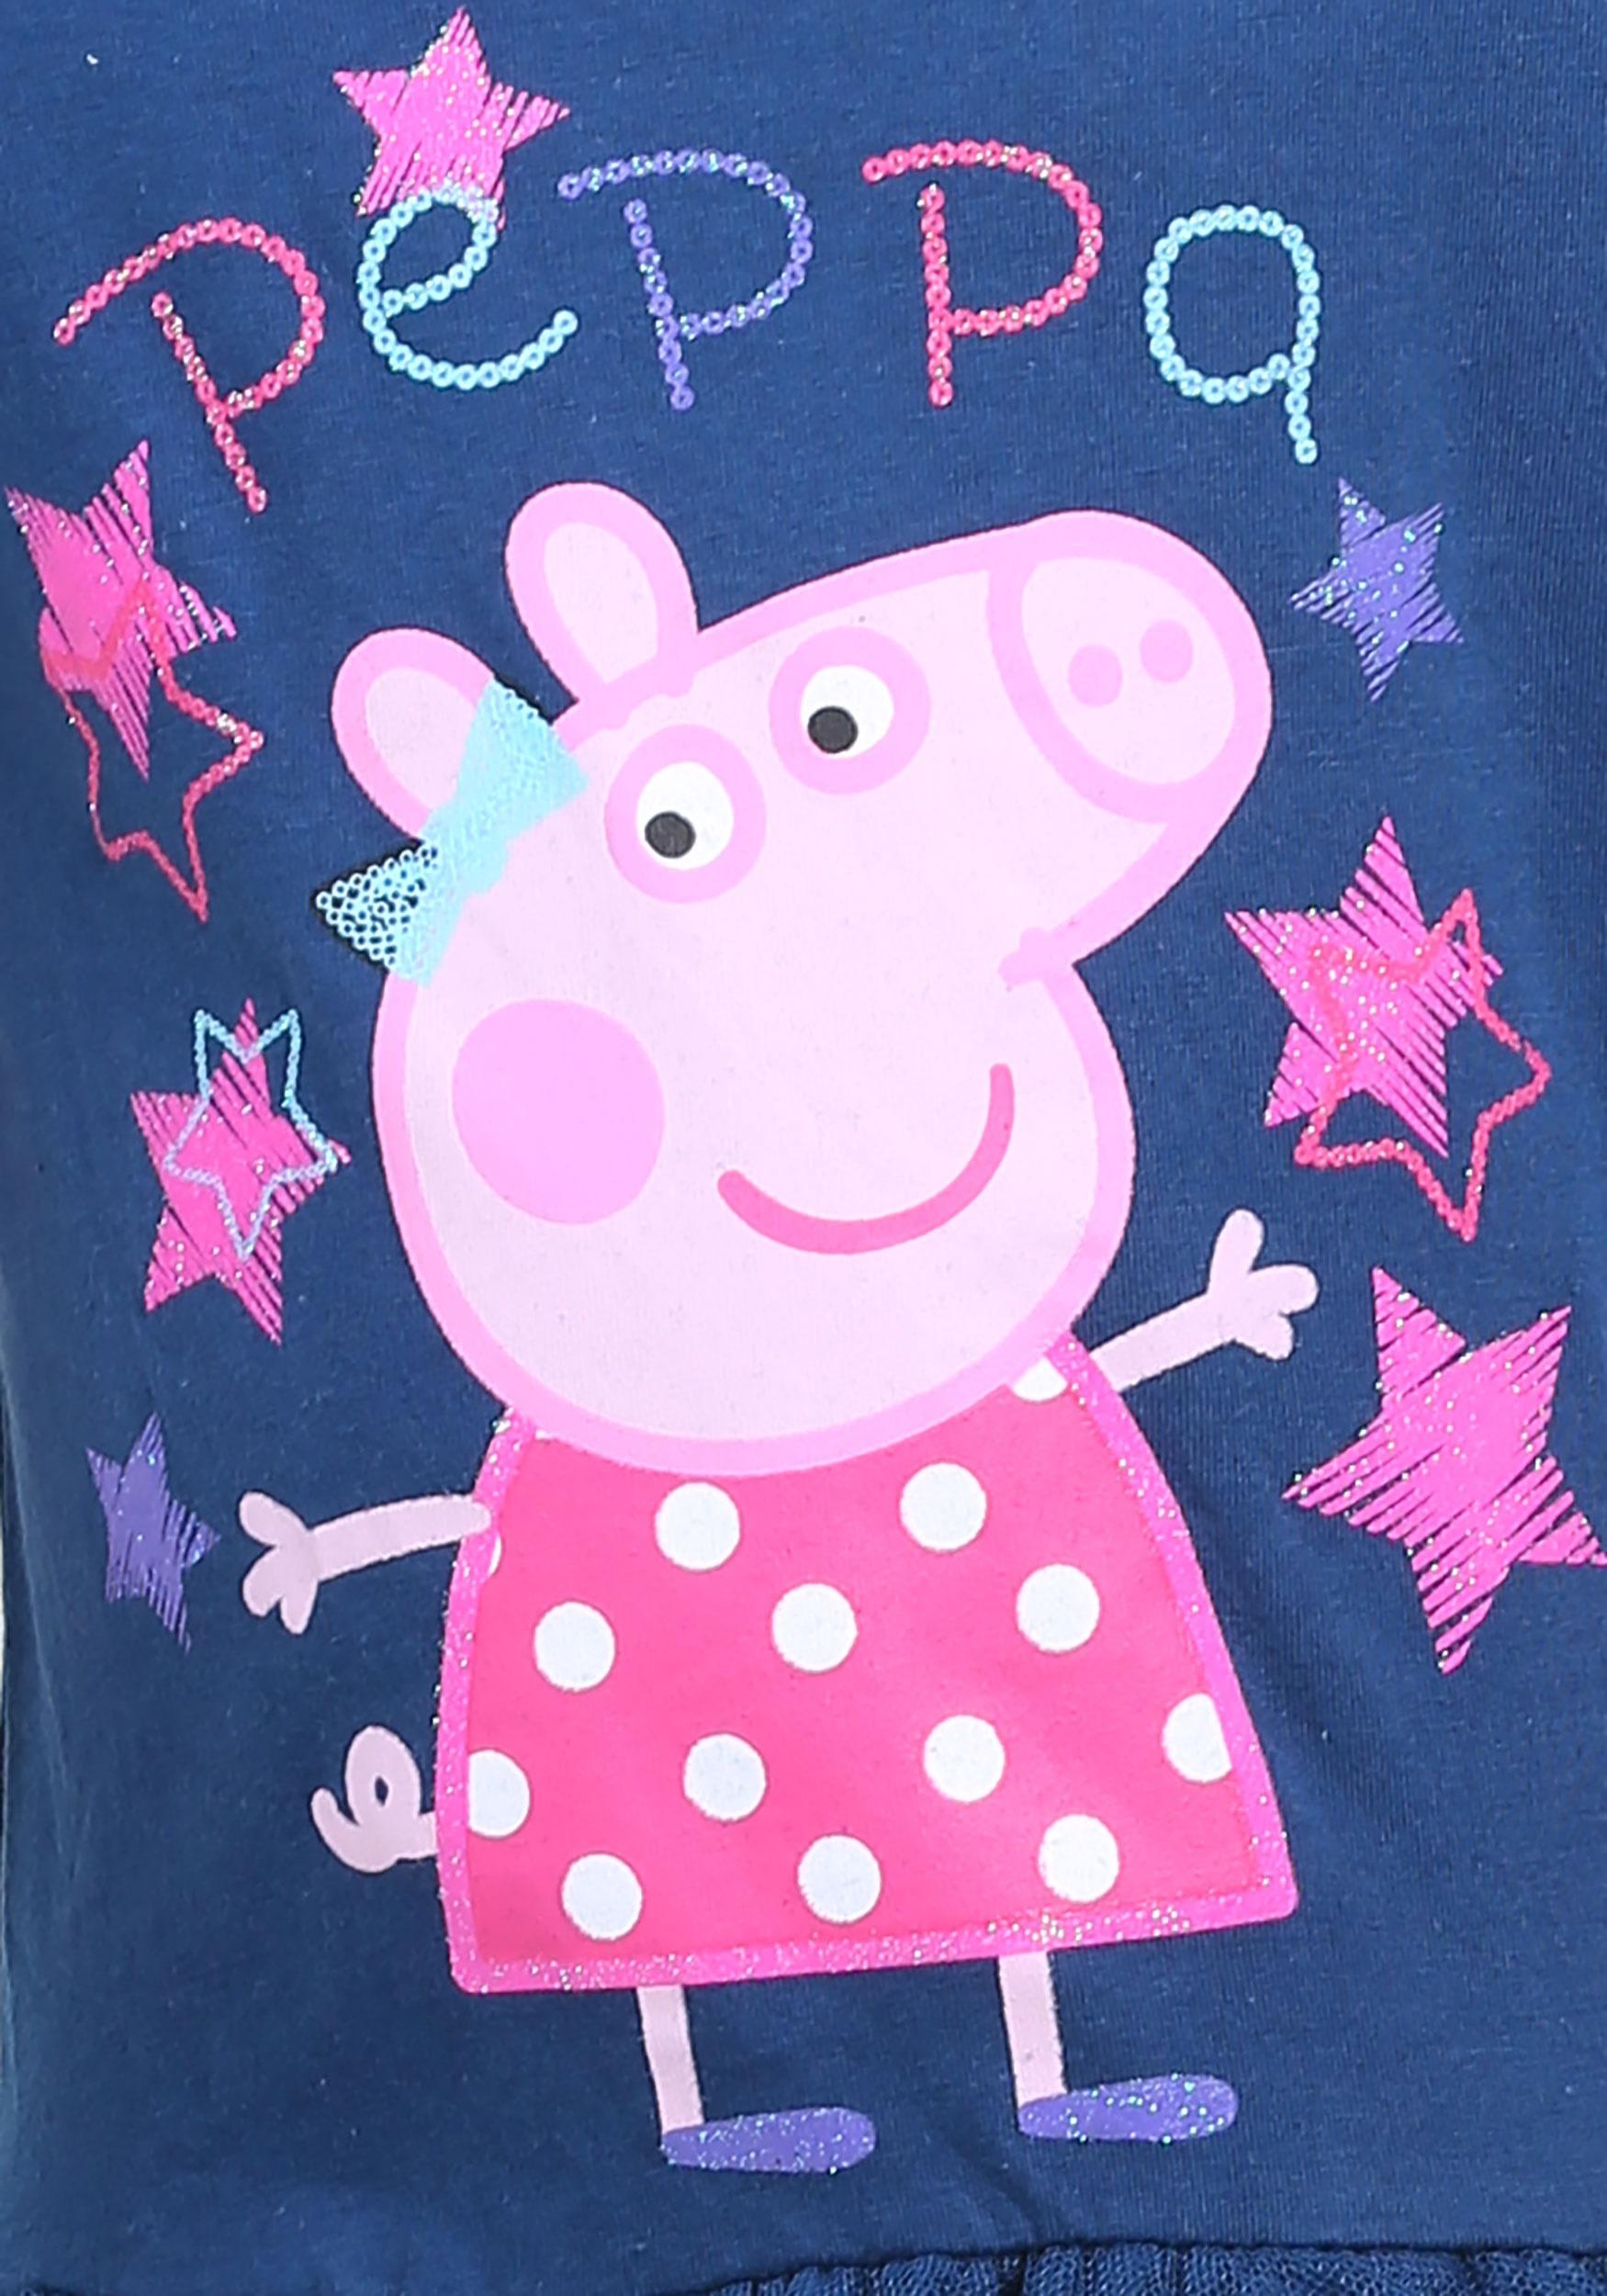 картинки свинка пеппа красивые виды данного